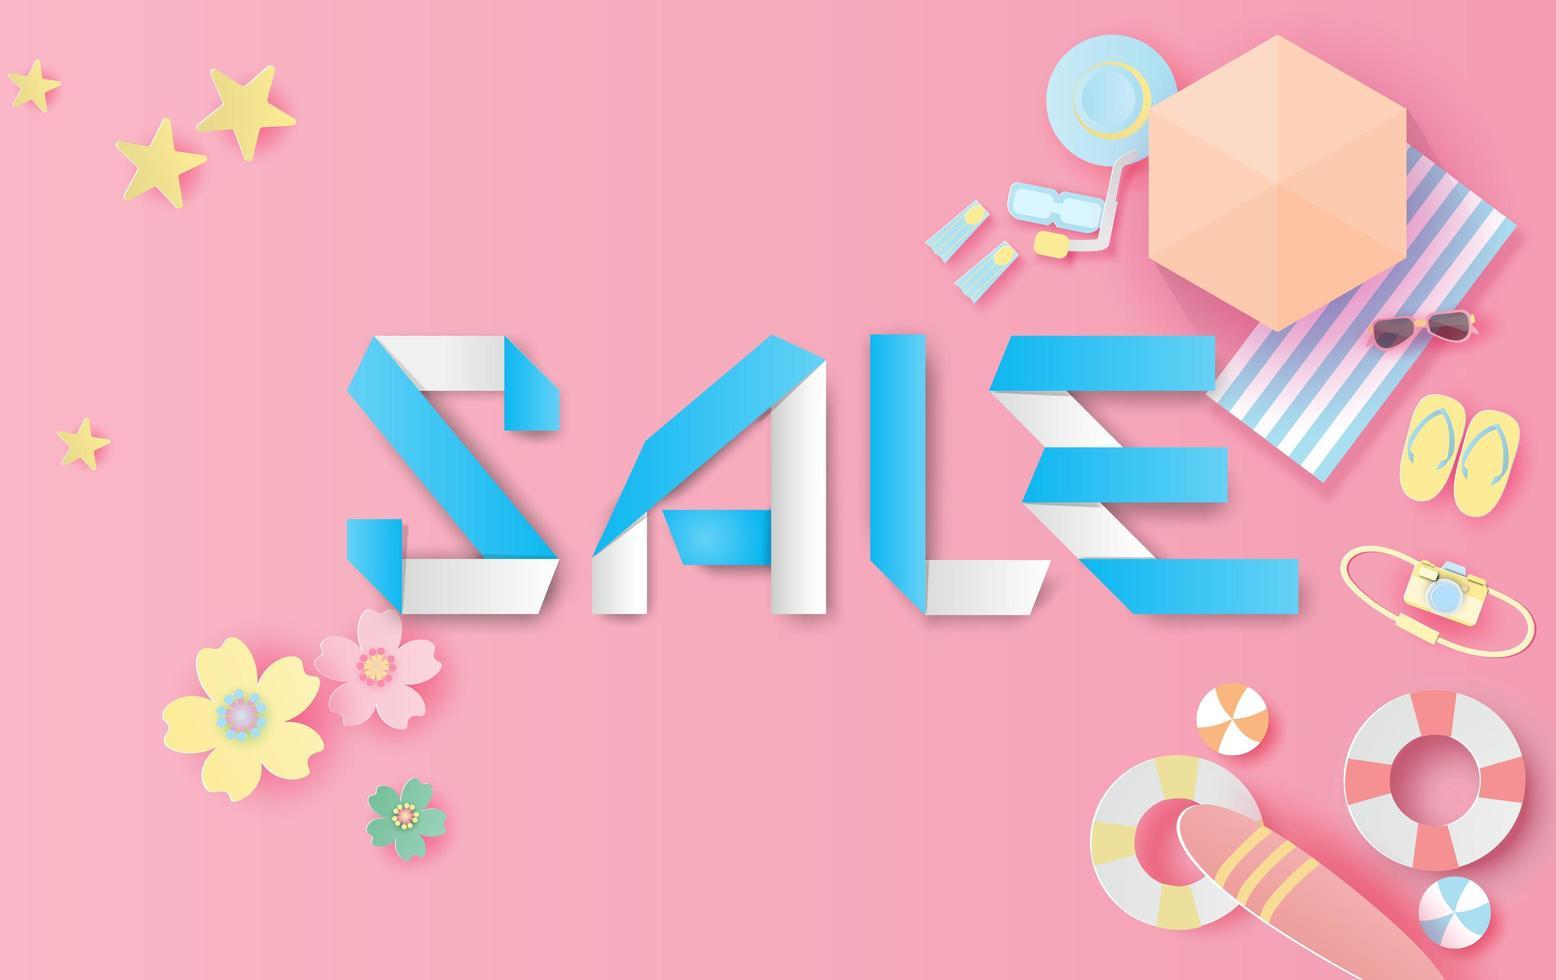 papier kunst en ambacht zomer verkoop banner achtergrond vector